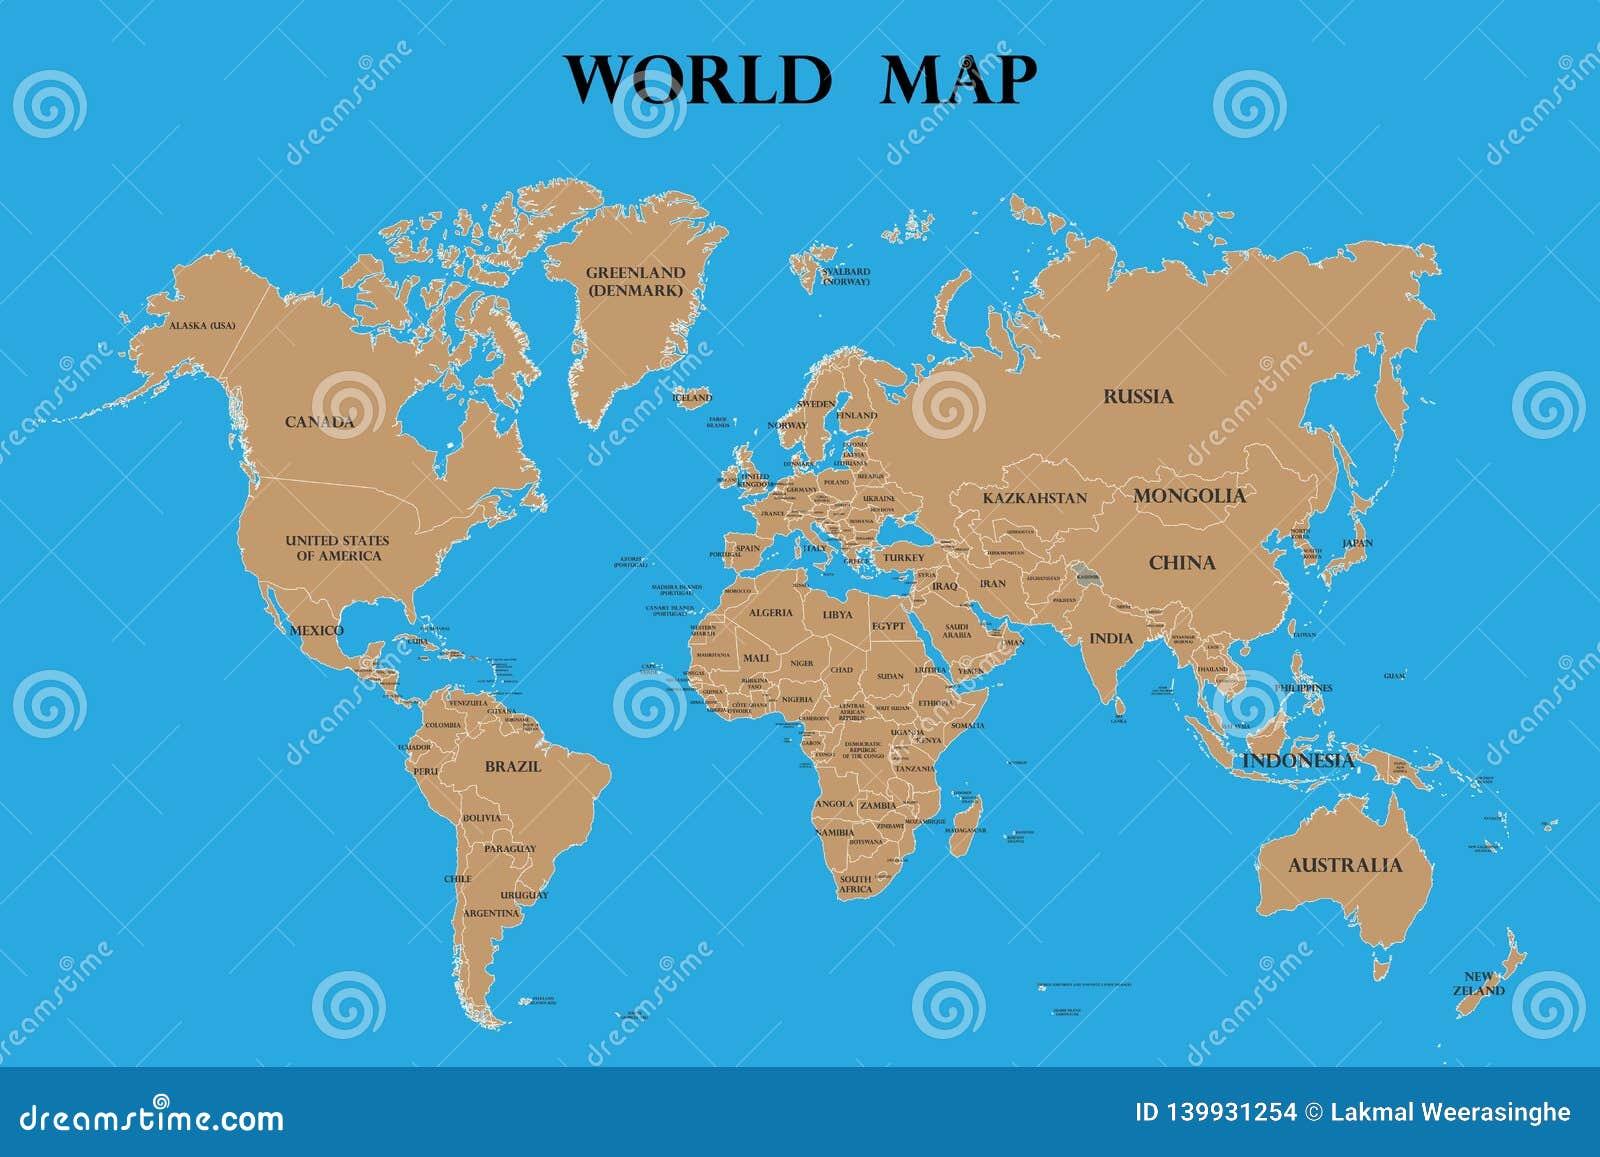 Världskarta med landsnamn